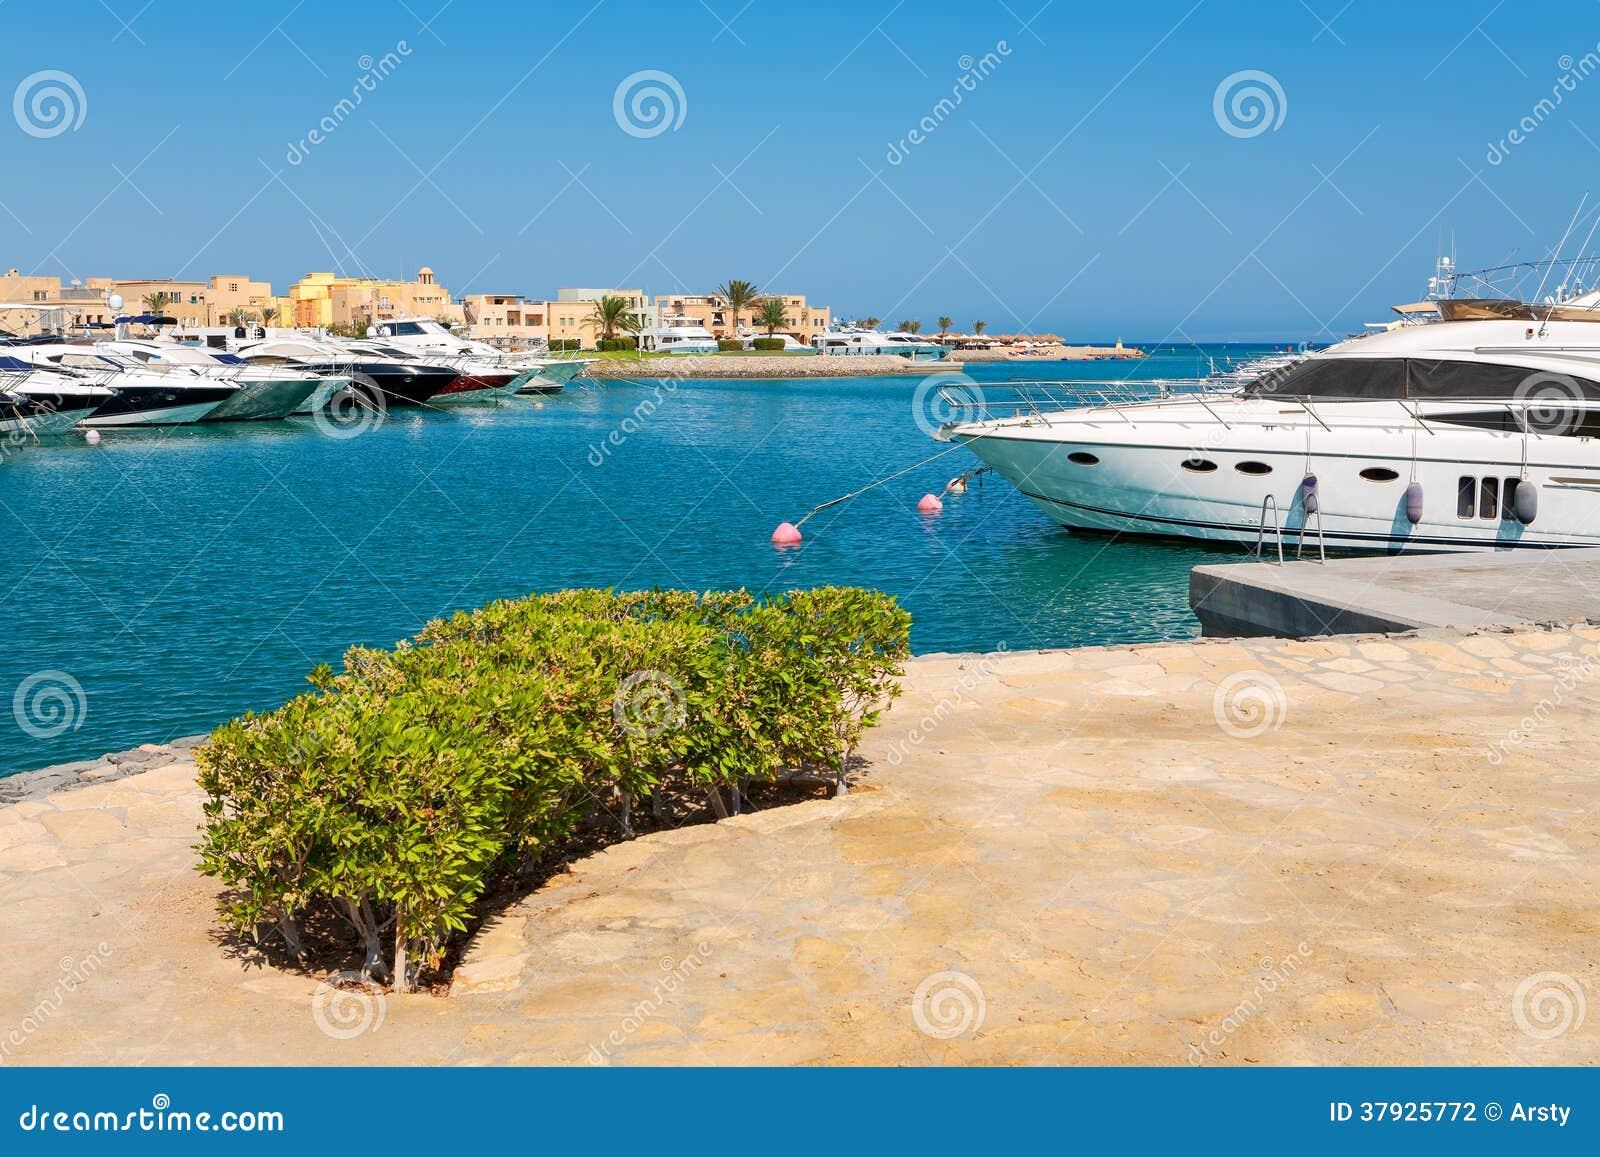 Марина. El Gouna, Египет